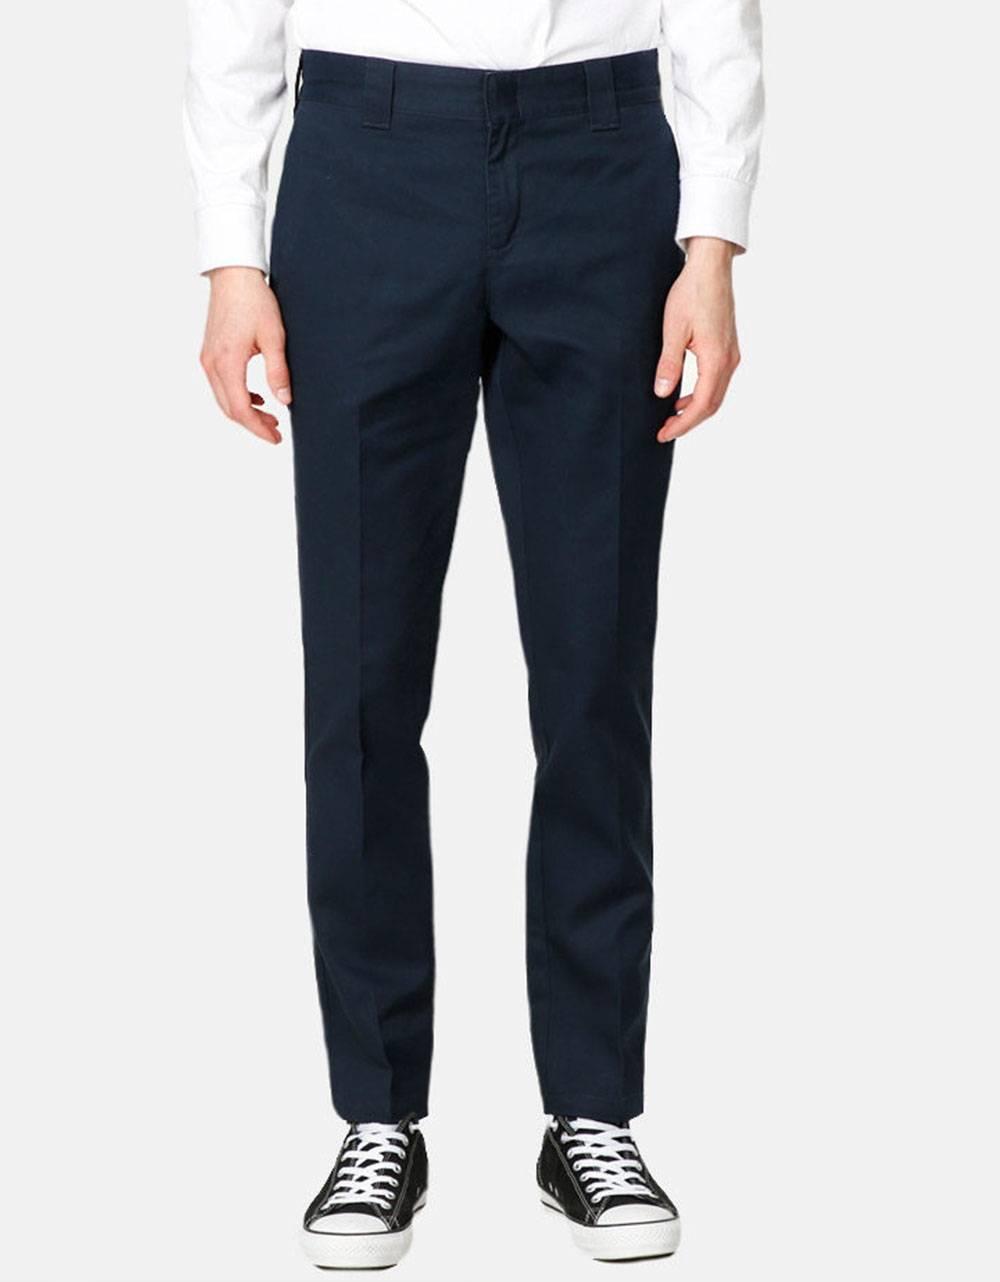 Dickies Slim fit work pant 872 - Dark navy Dickies Pant 62,30€